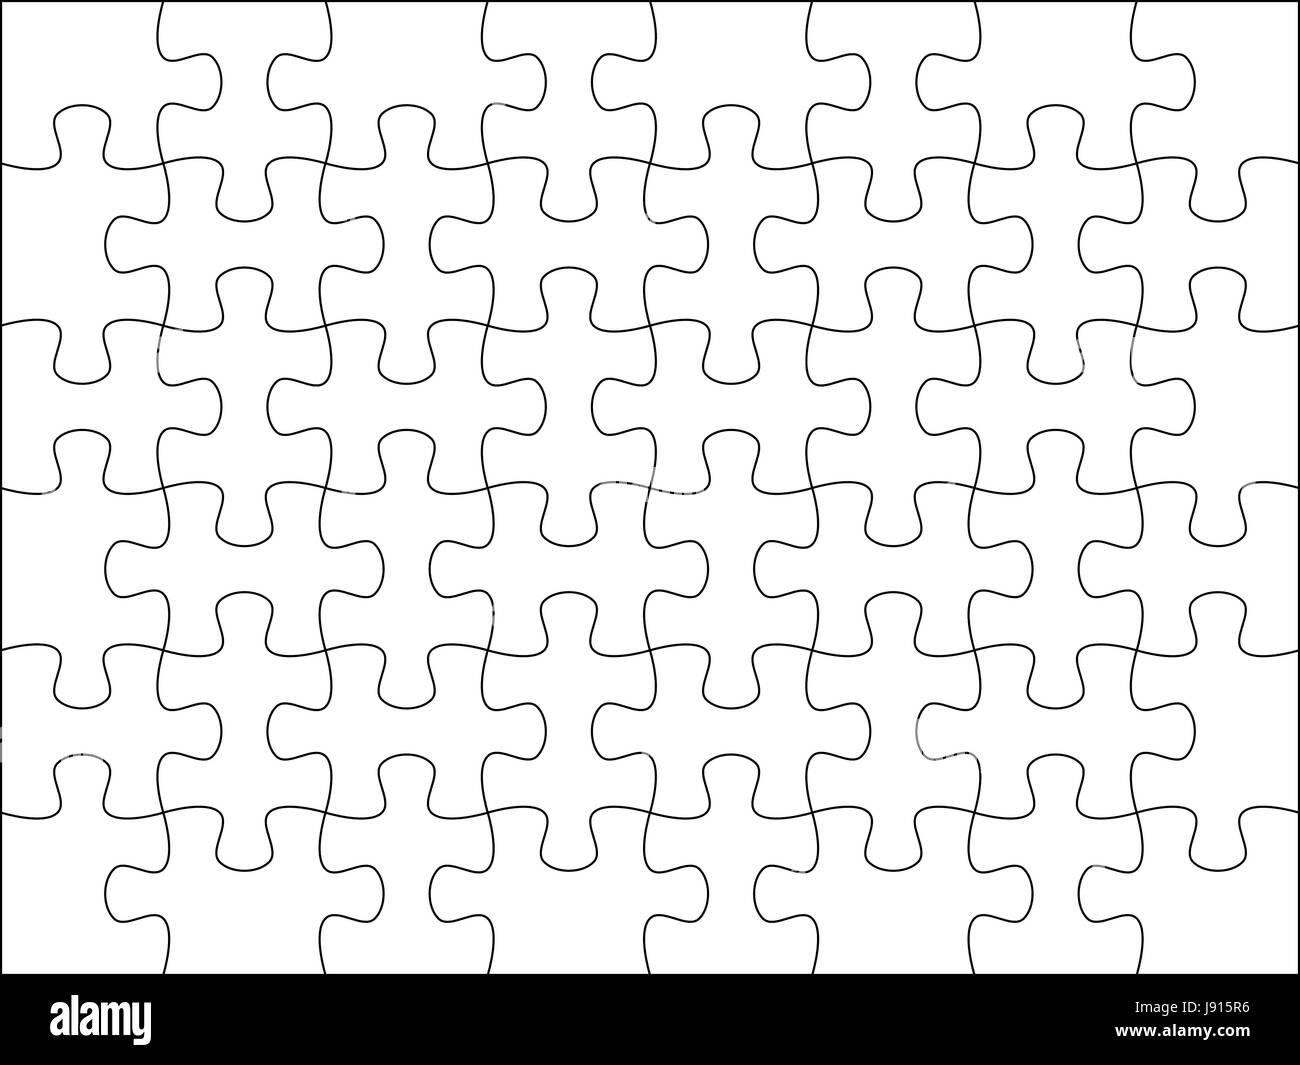 Tolle Puzzle Vorlage Galerie - Malvorlagen Von Tieren - ngadi.info